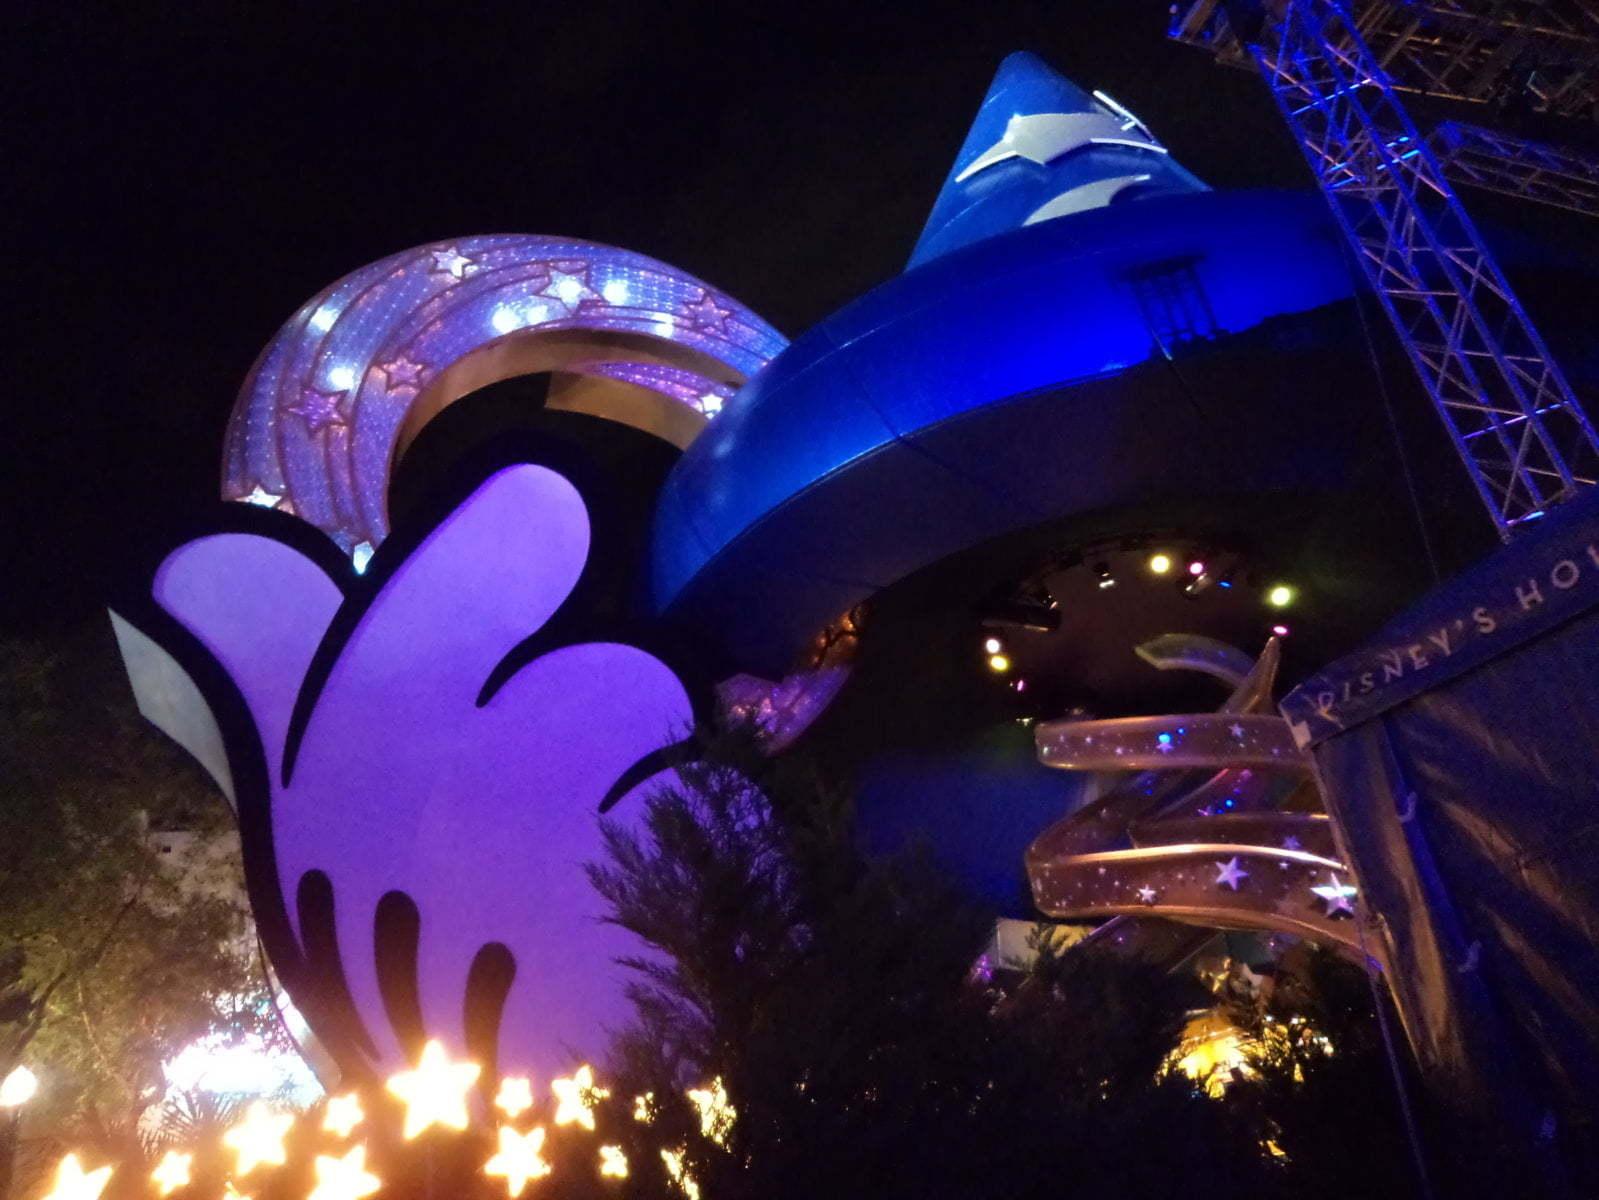 O grande chápeu do mago Mickey Mouse marca o centro do Holywwod Studios - Orlando, EUA